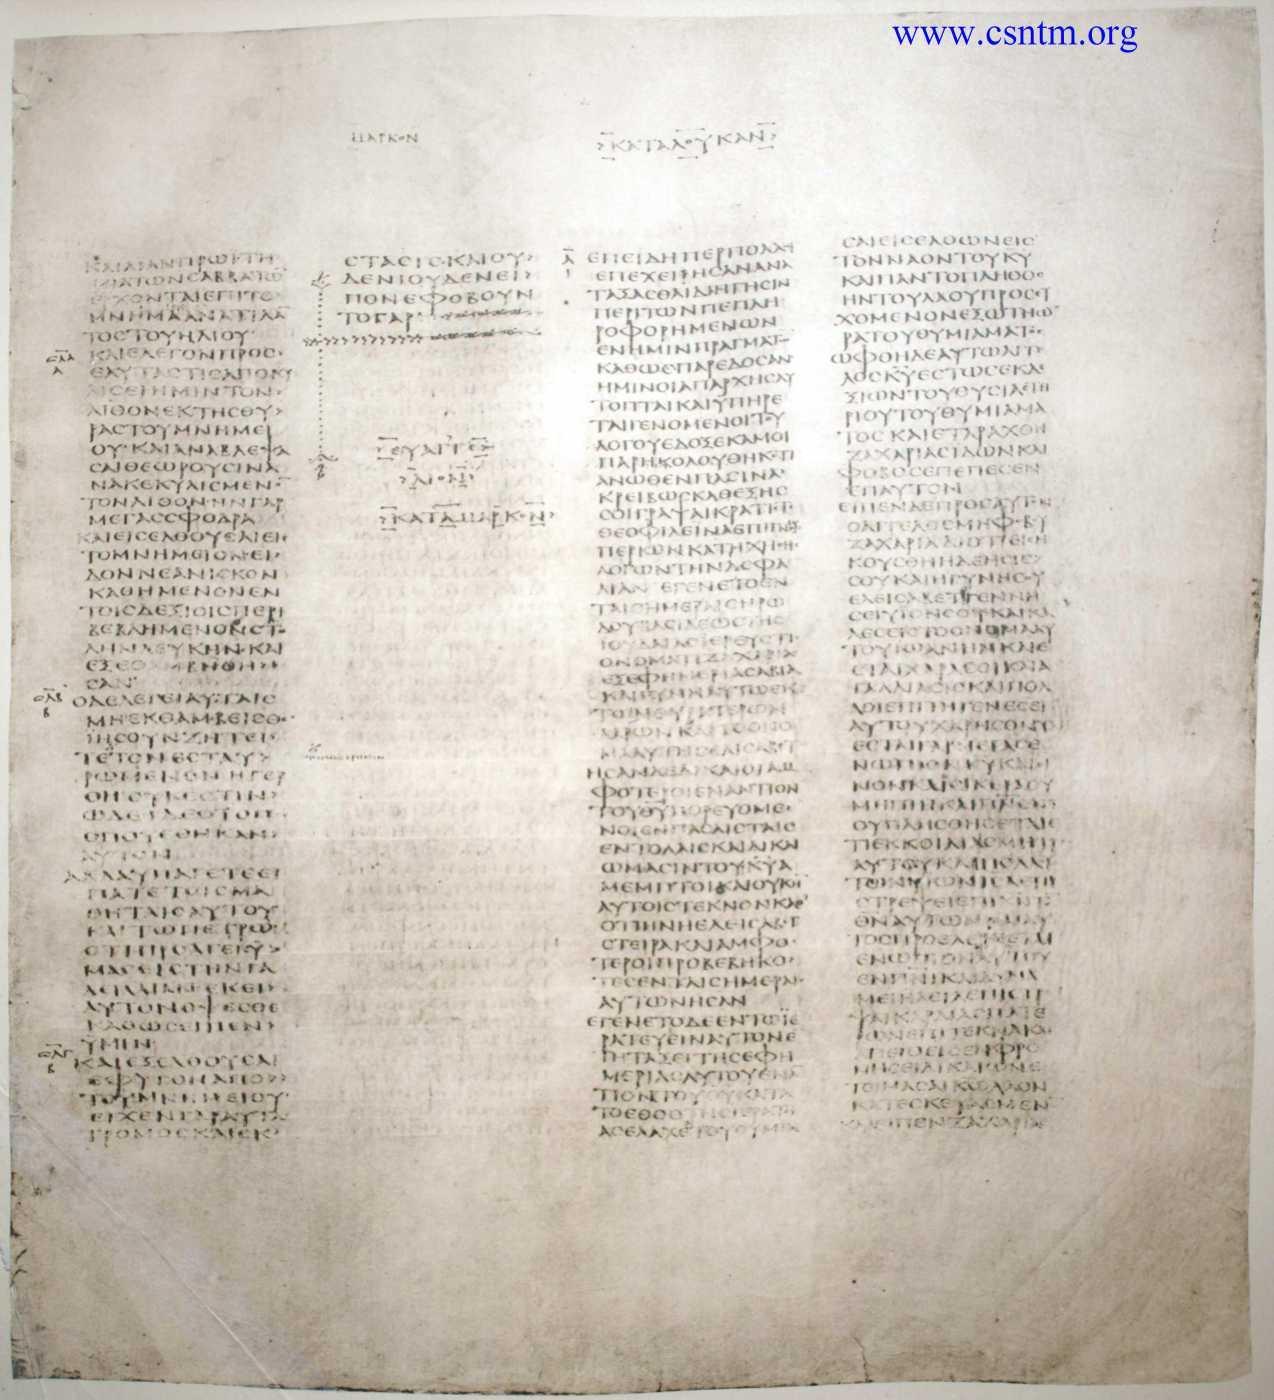 Codex sinaiticus fin marc